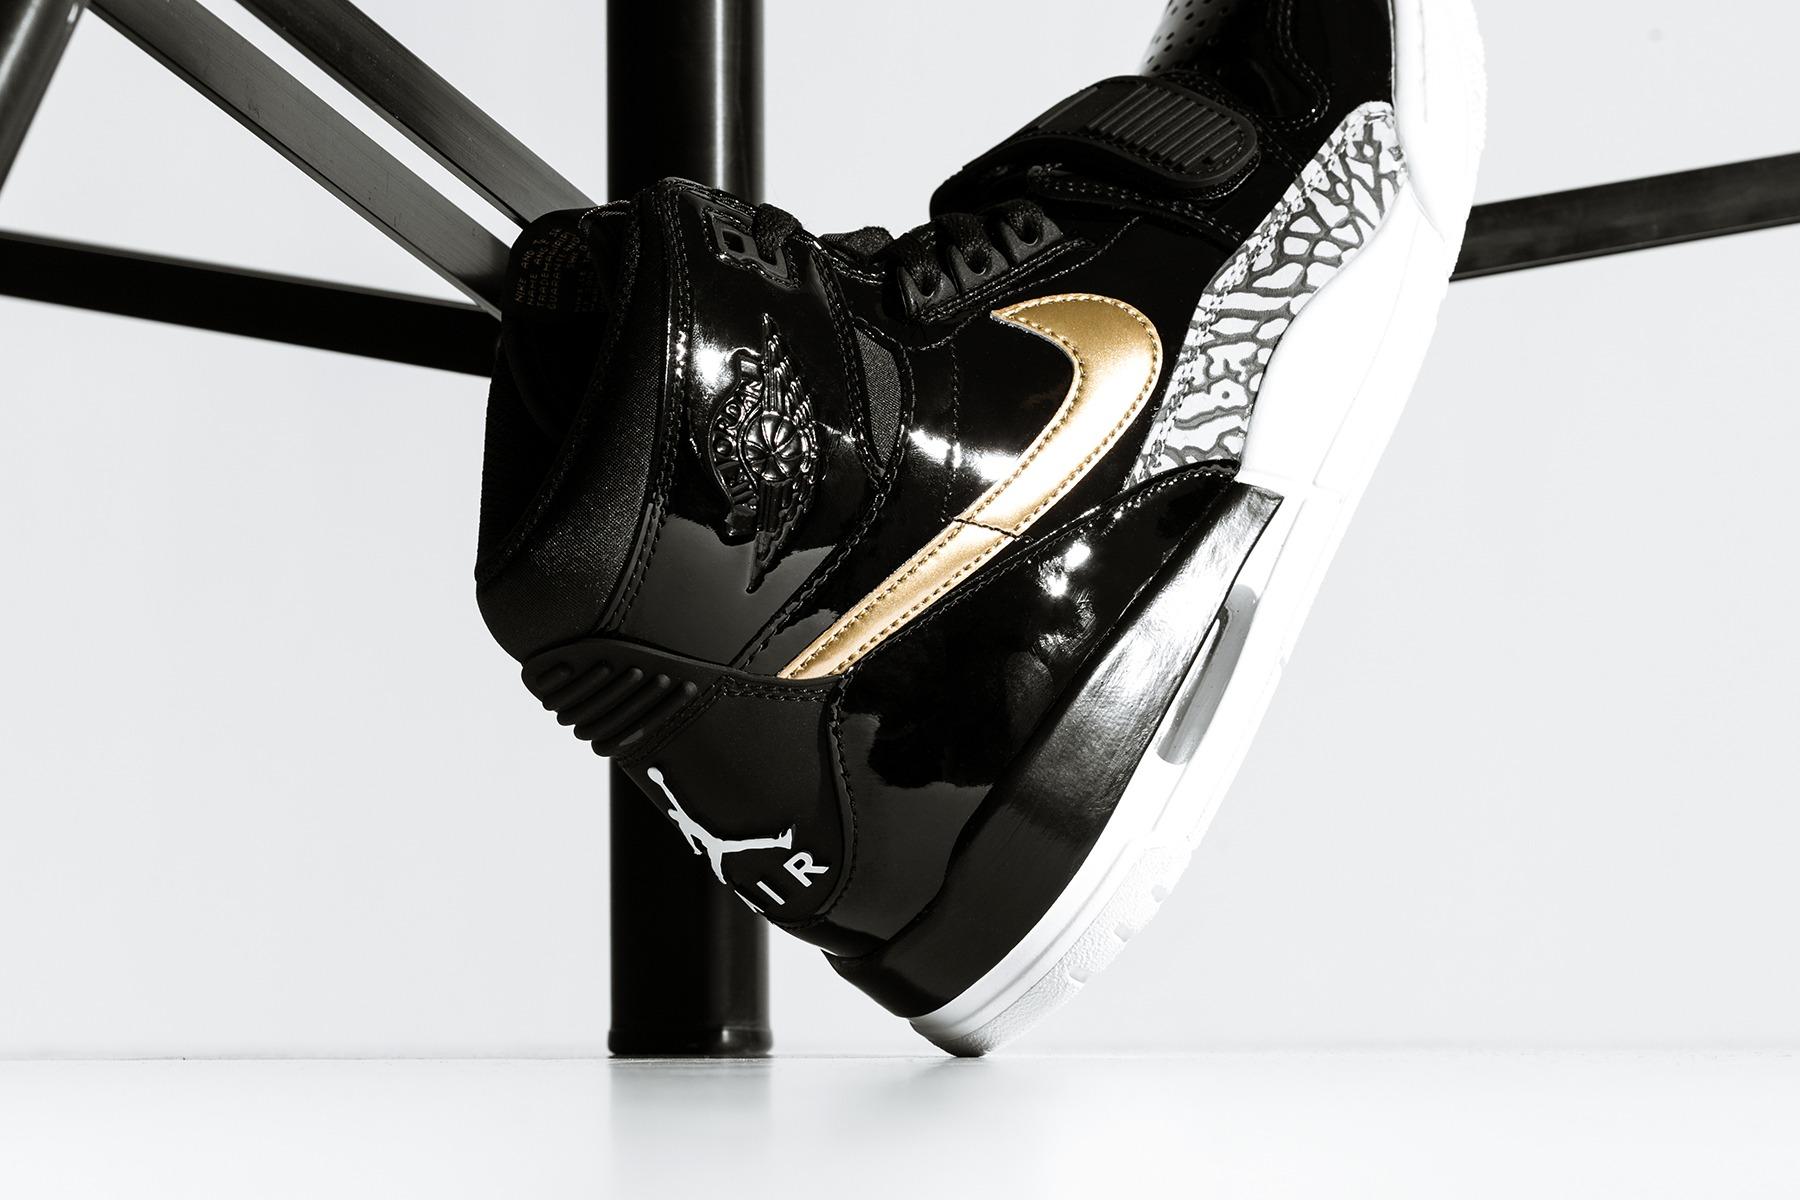 af61b0377394cb Air Jordan Legacy 312 in Black   Metallic Gold - EUKICKS